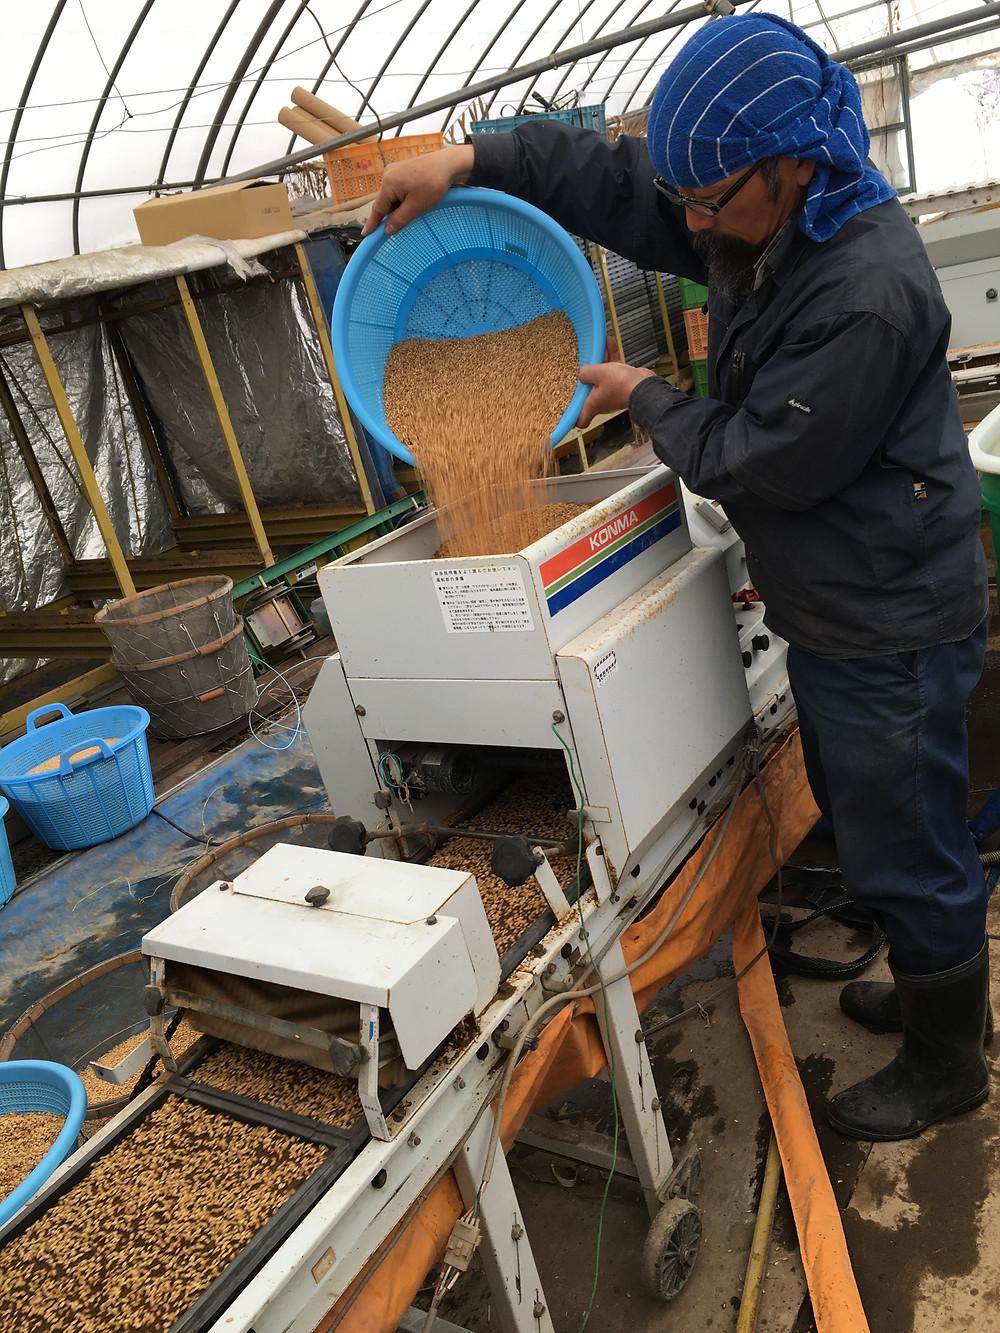 種籾を種まき機械に入れている様子